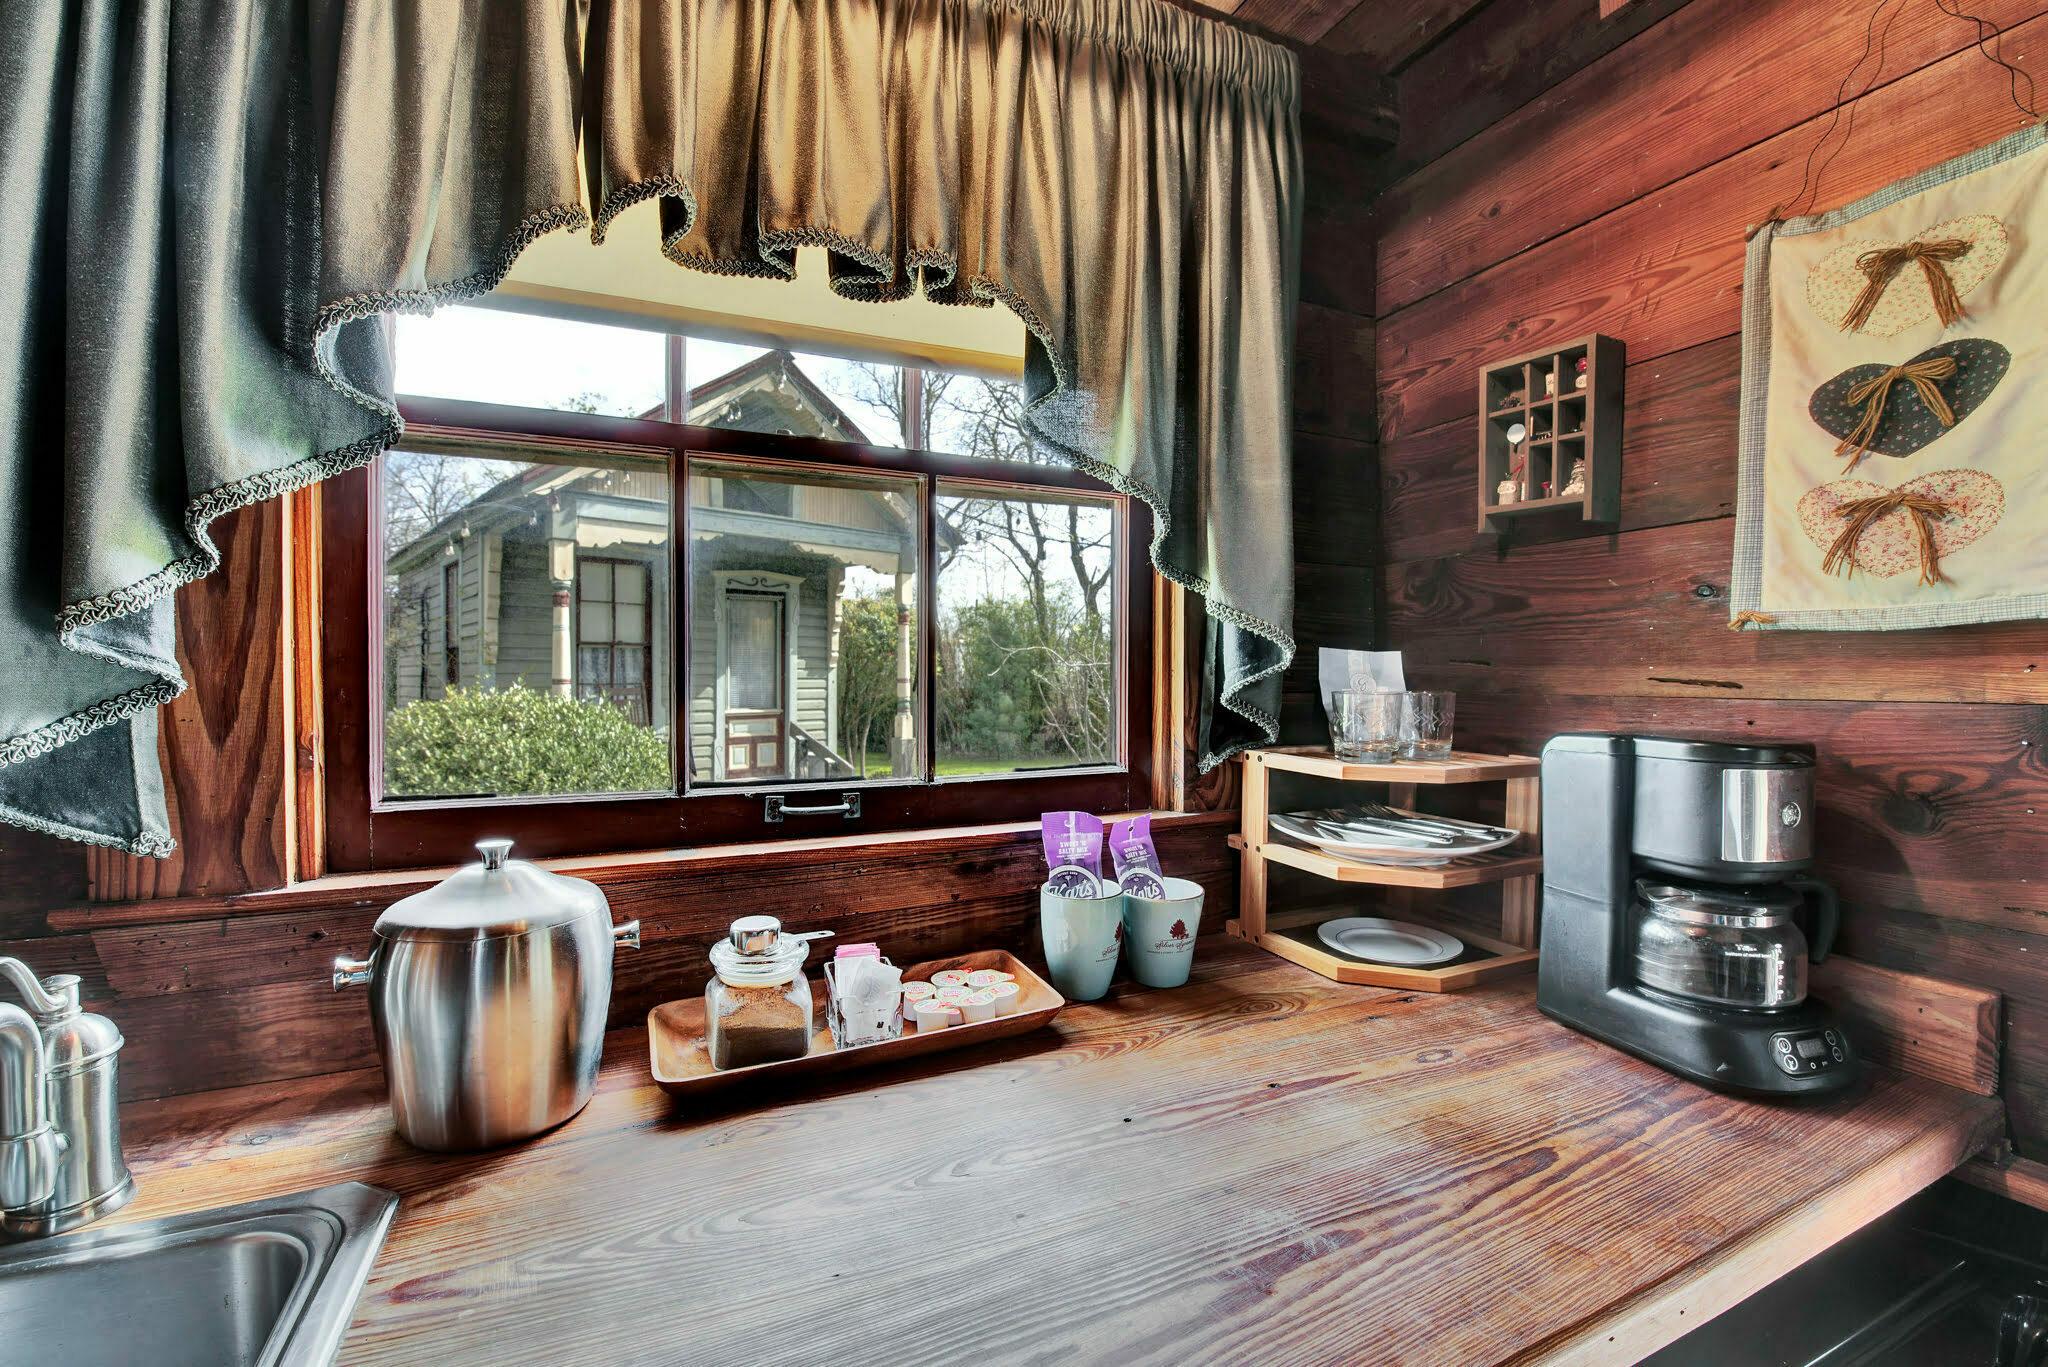 kitchenette area at rustics oaks